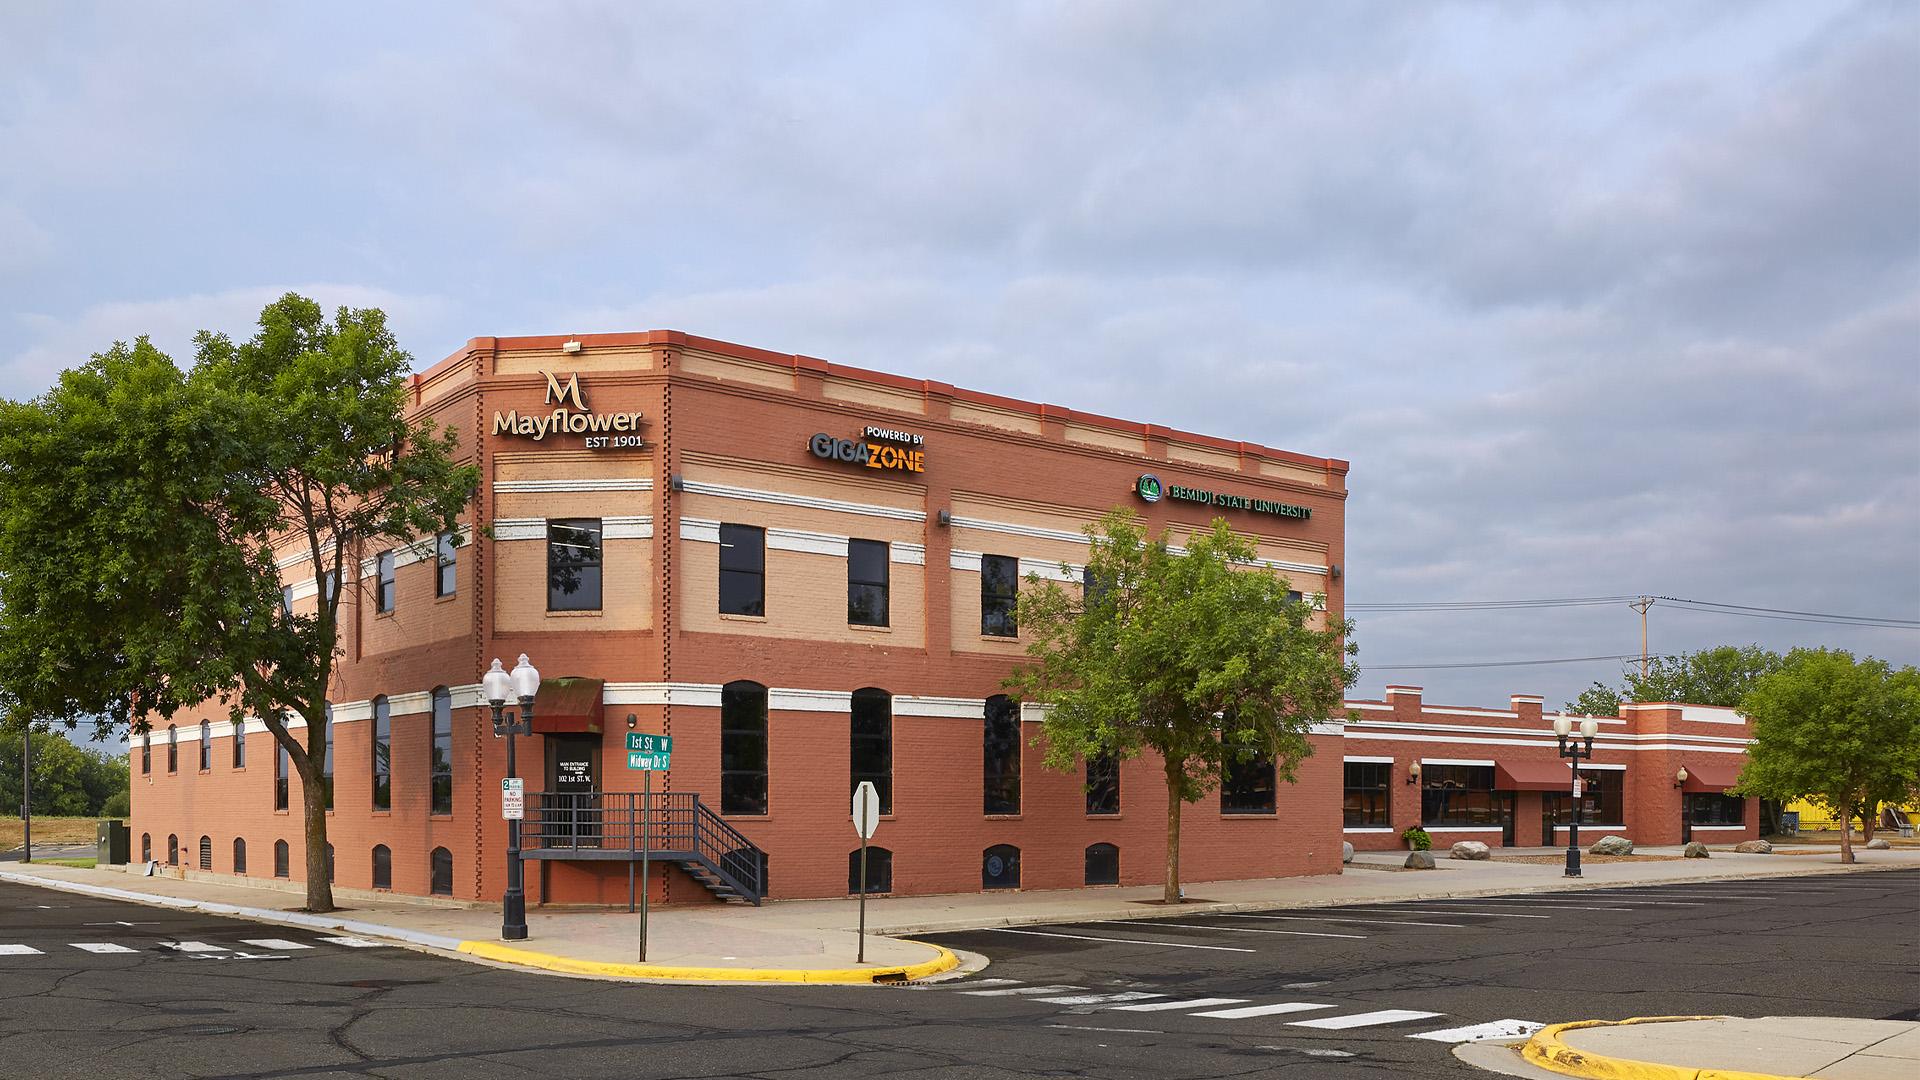 Union Square Shopping Center Bemidji MN Mayflower office building